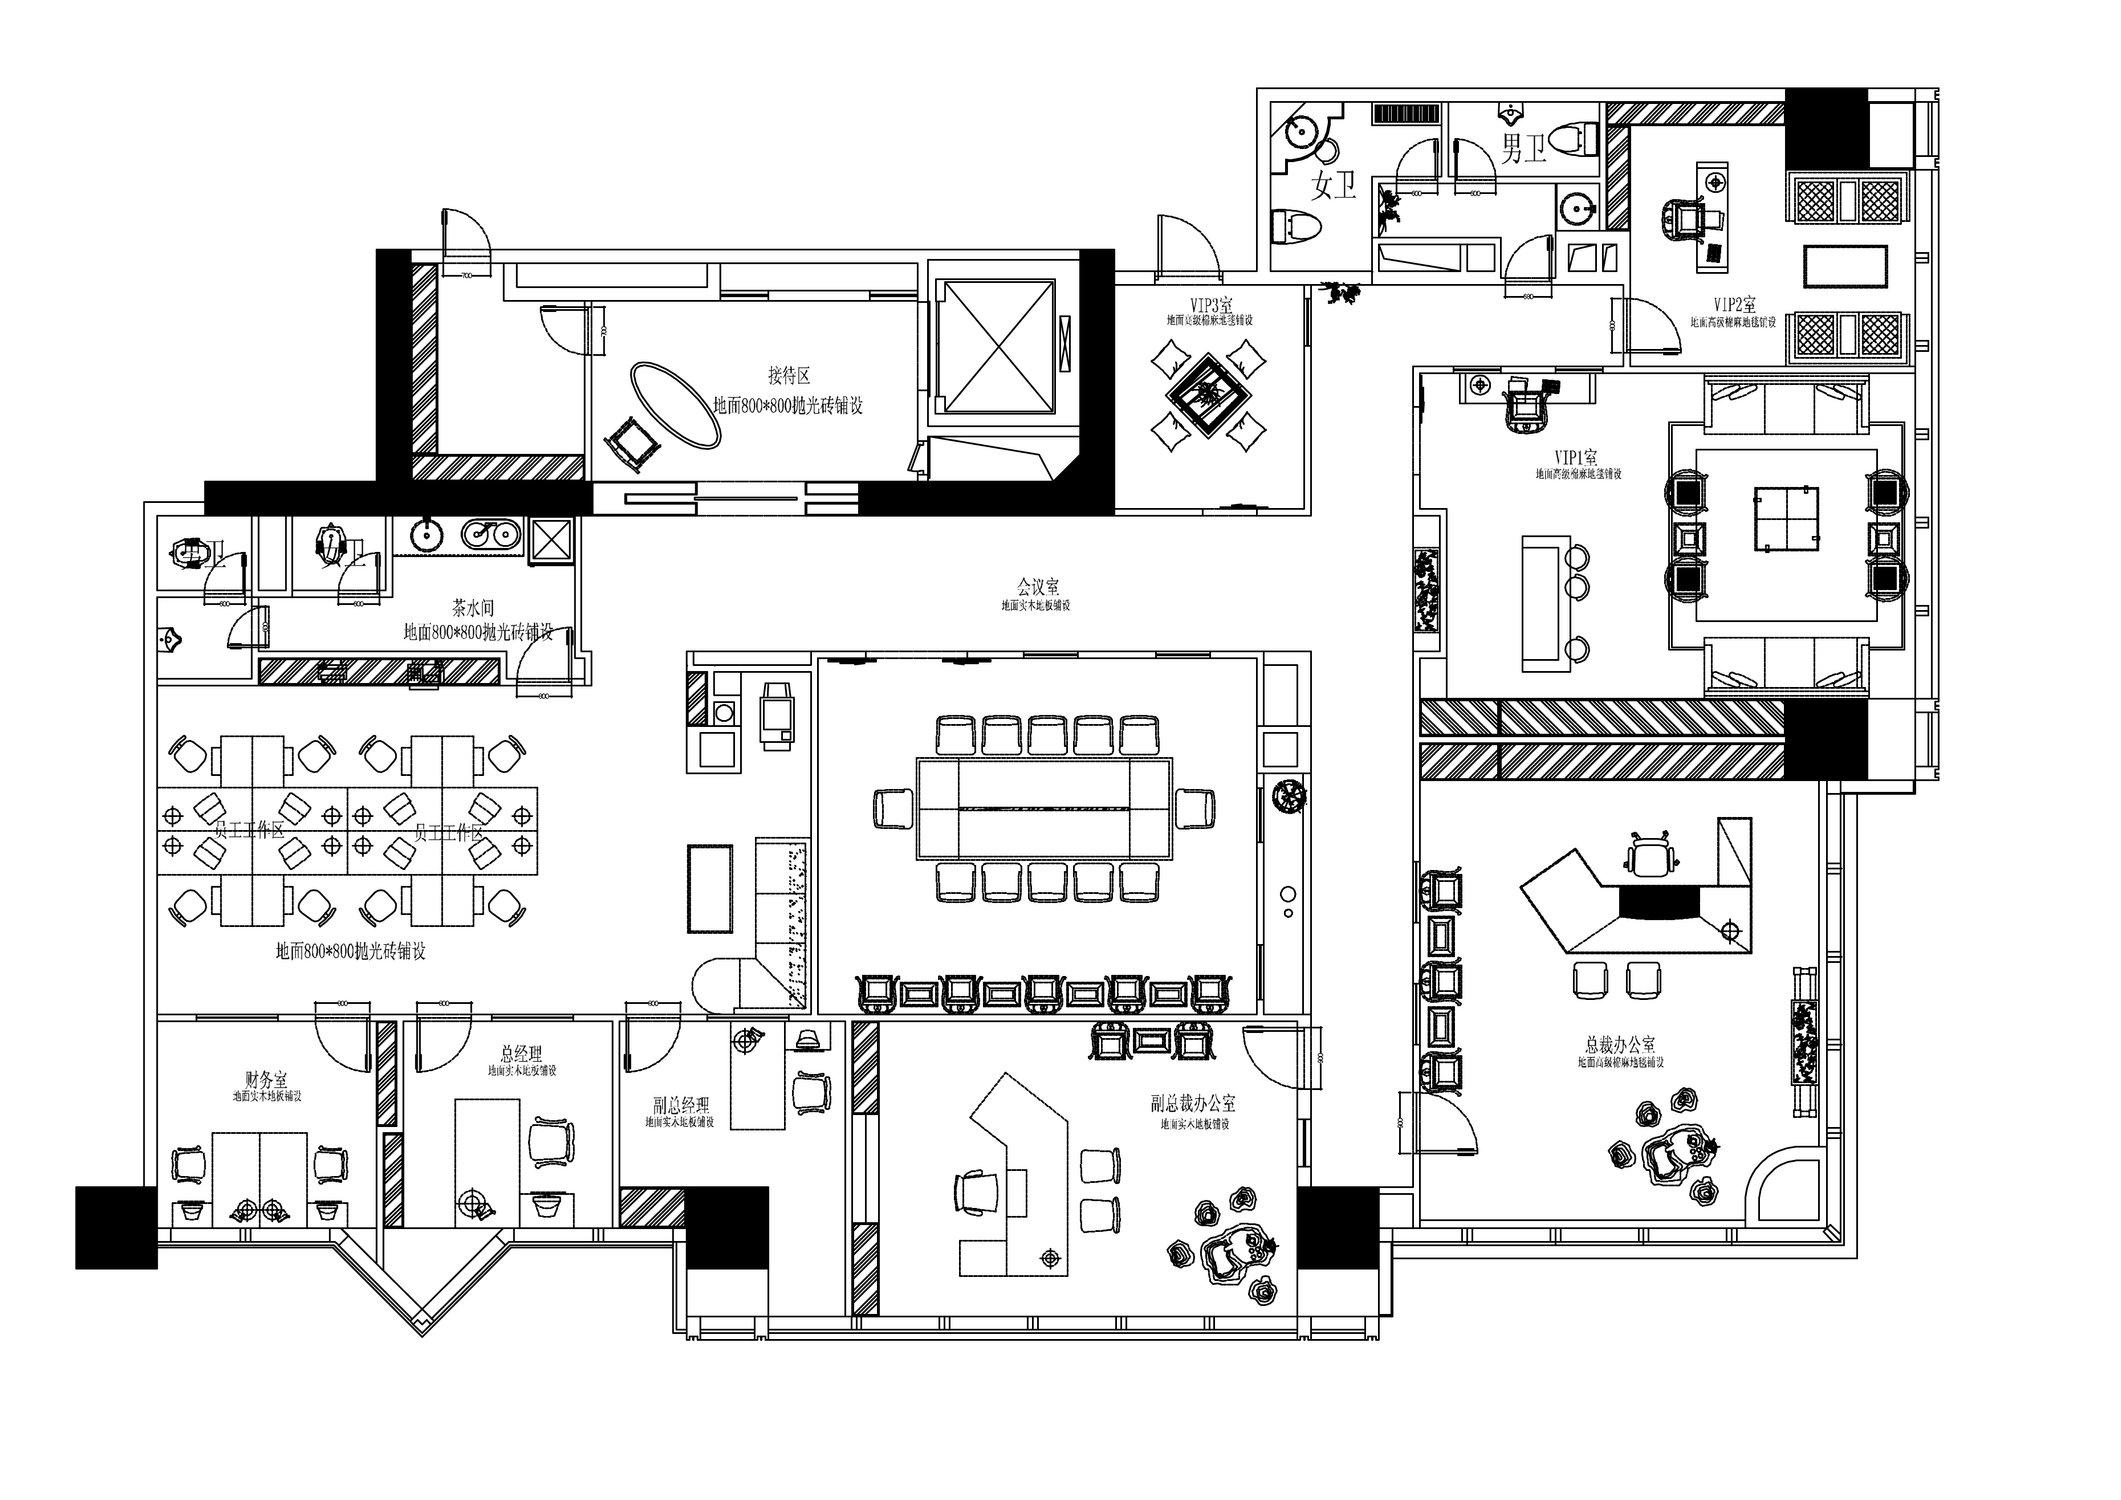 办公空间 现代风格 腾龙设计 户型图图片来自孔继民在办公空间设计案例展示的分享